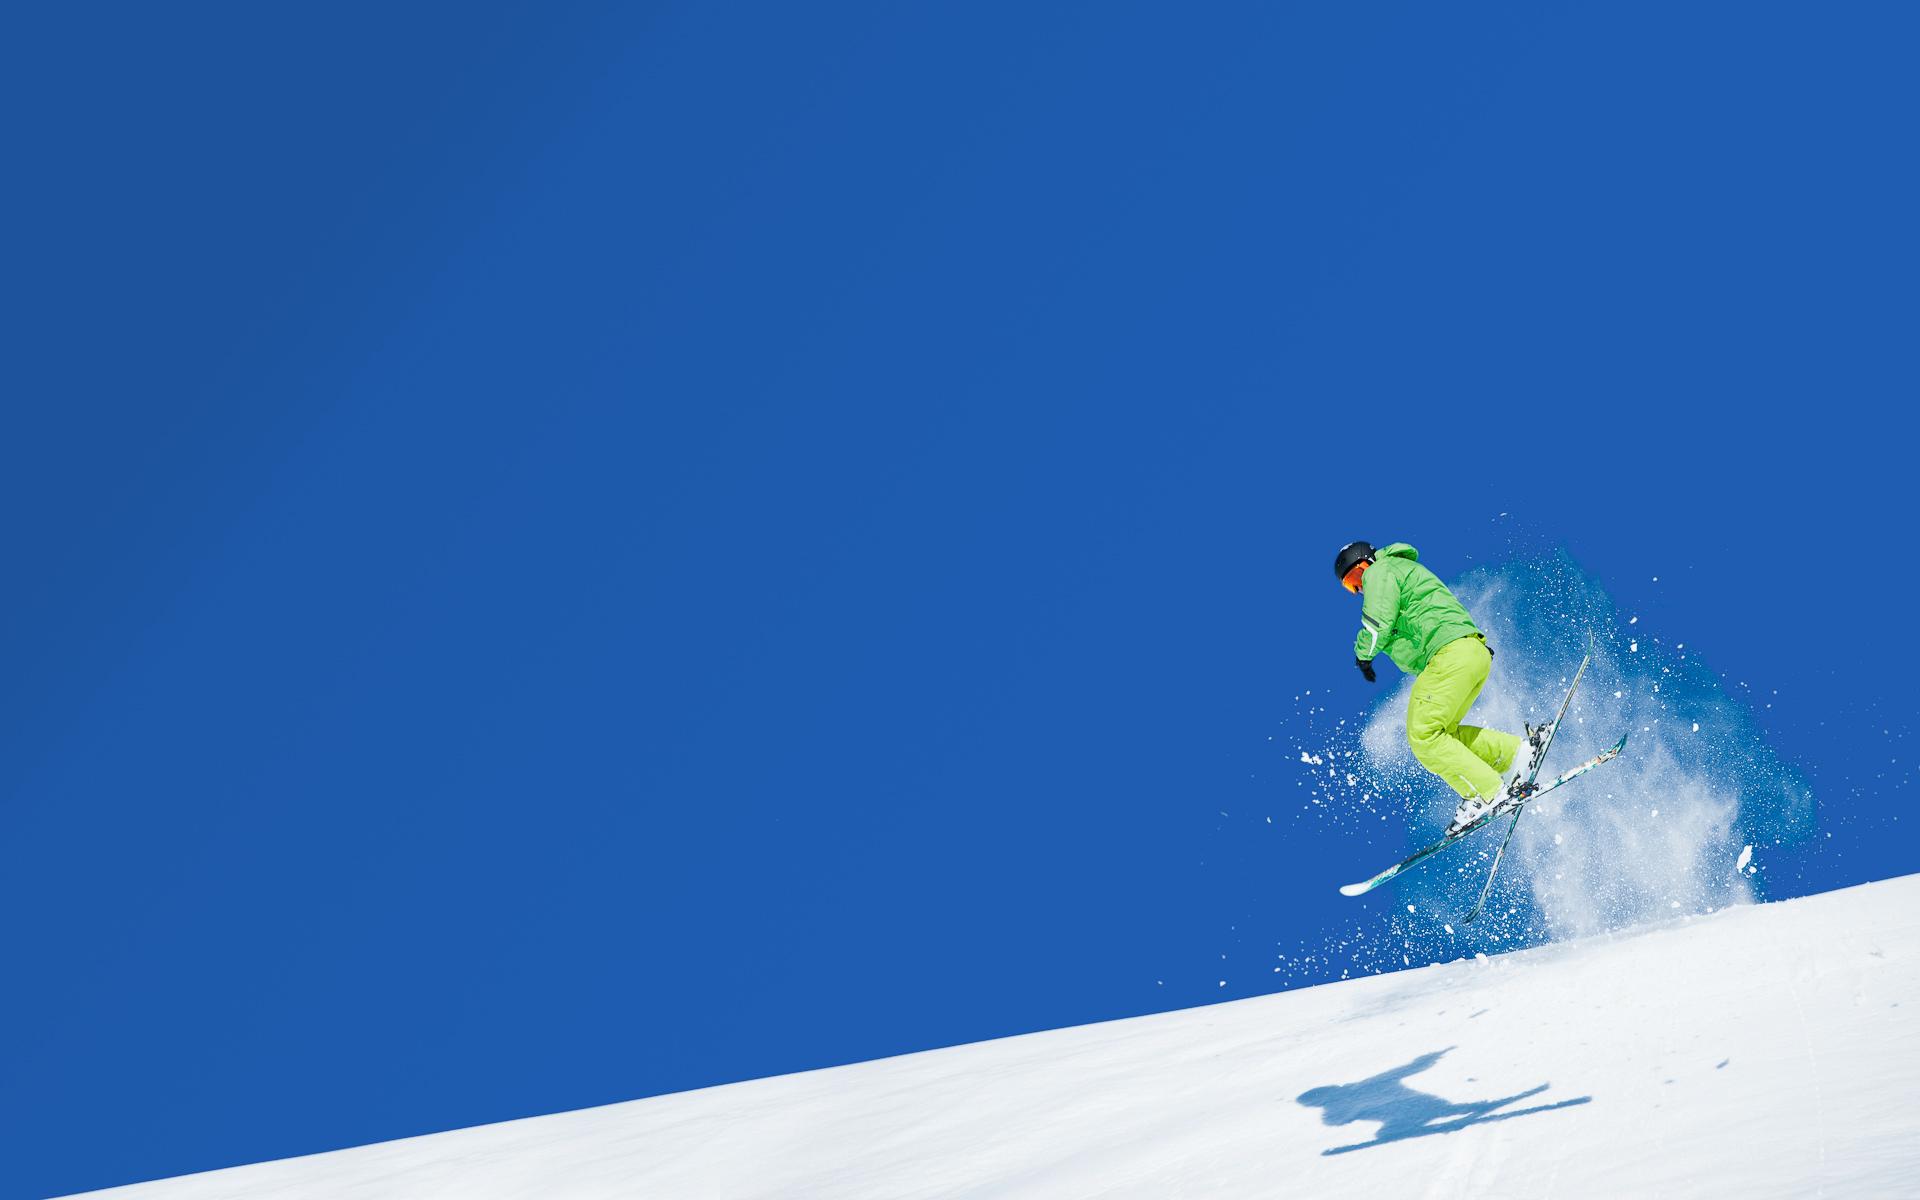 сноубордист прыжок горы  № 3300595 бесплатно